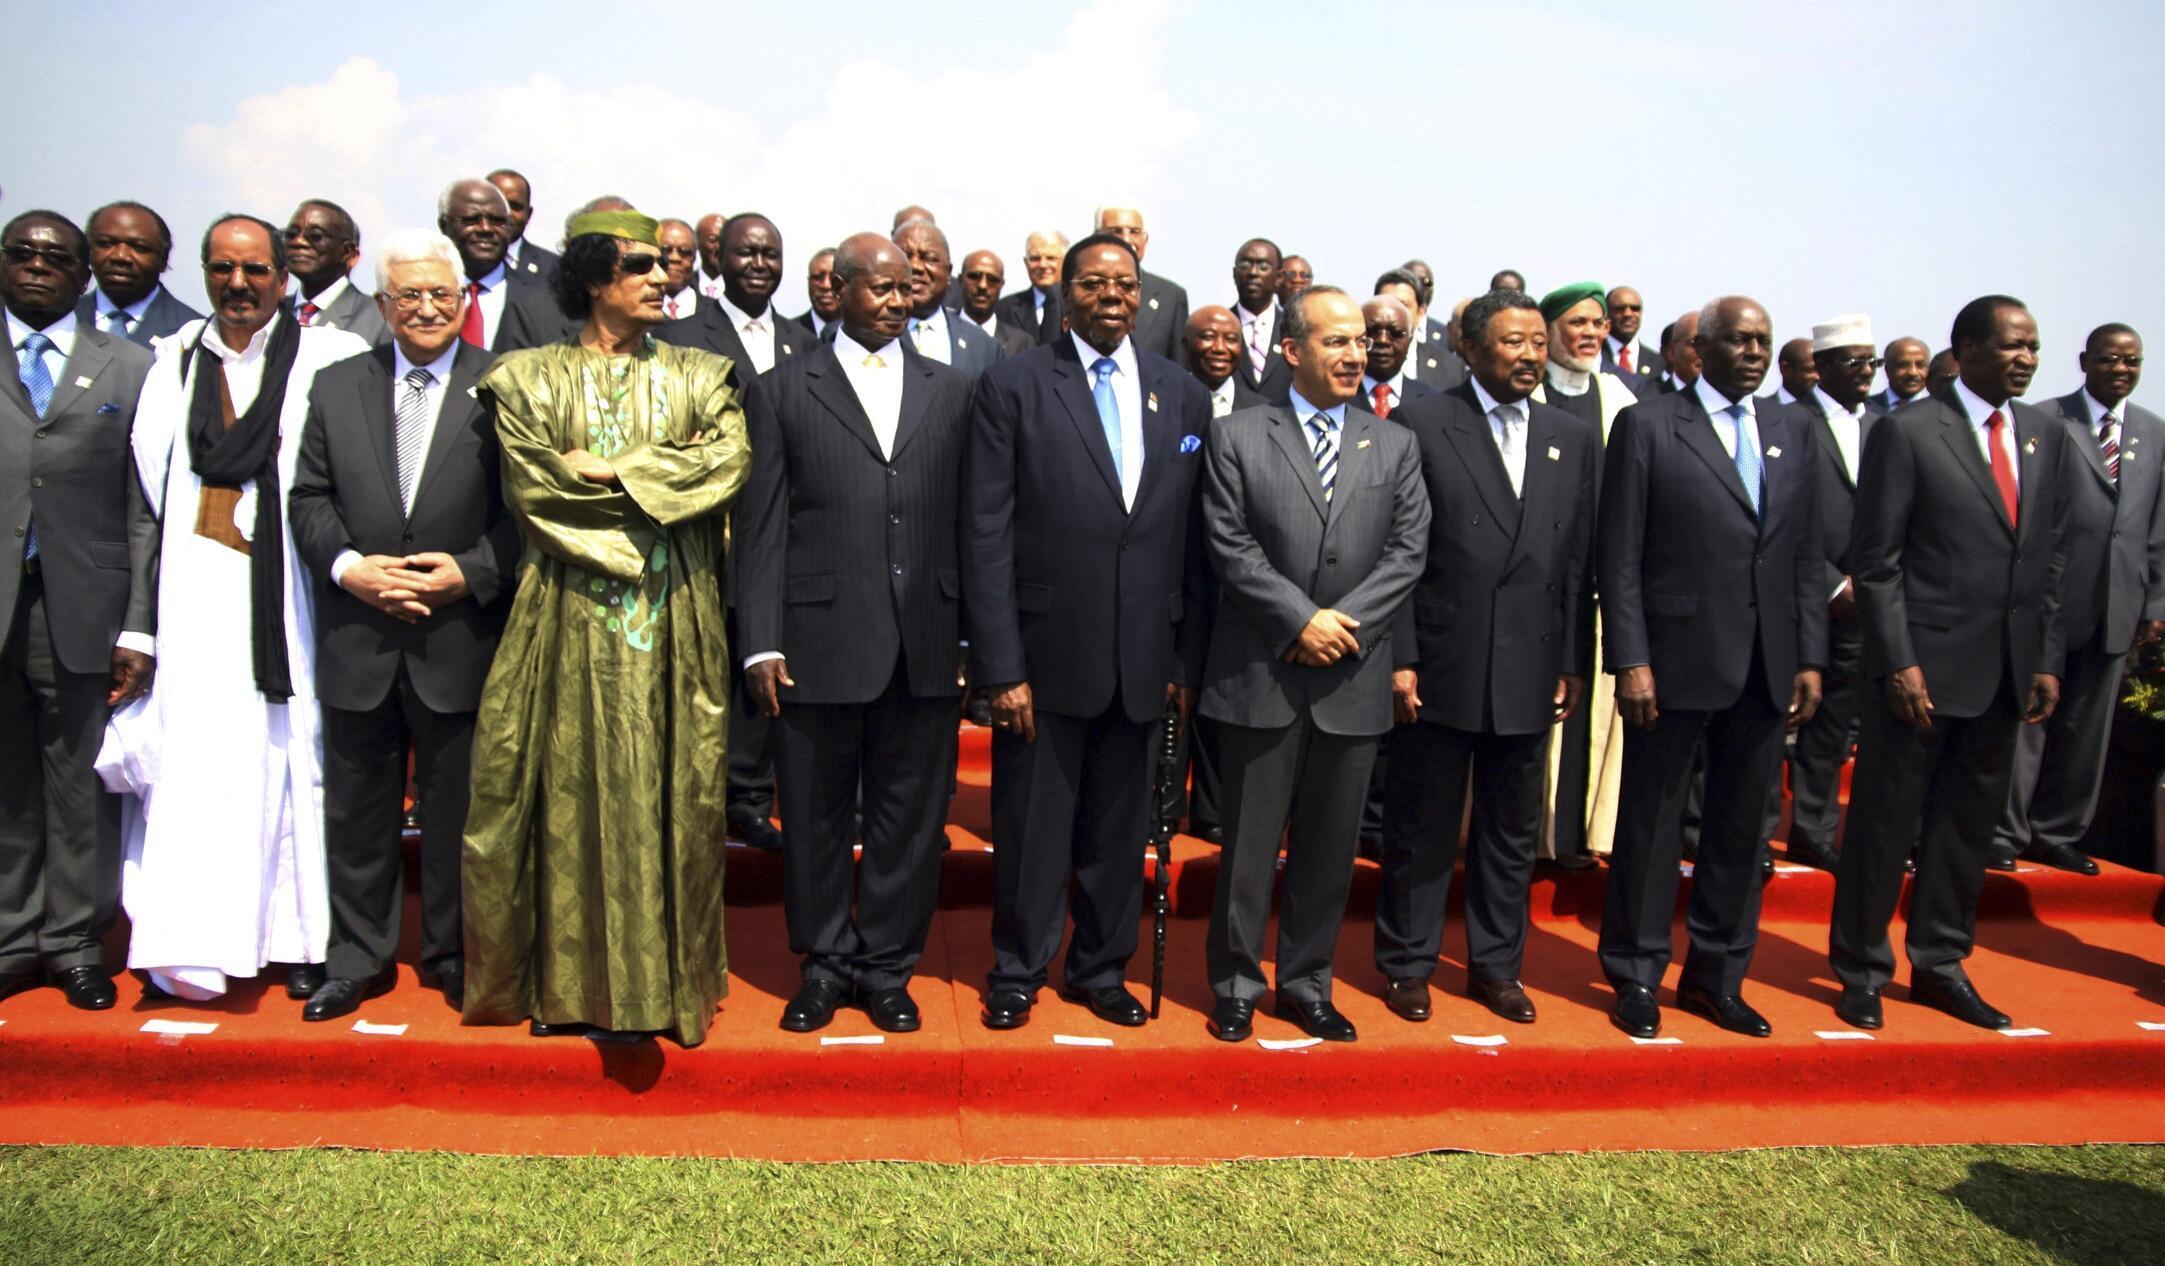 Abertura da Cimeira da UA em Campala, a 25 de Julho de 2010